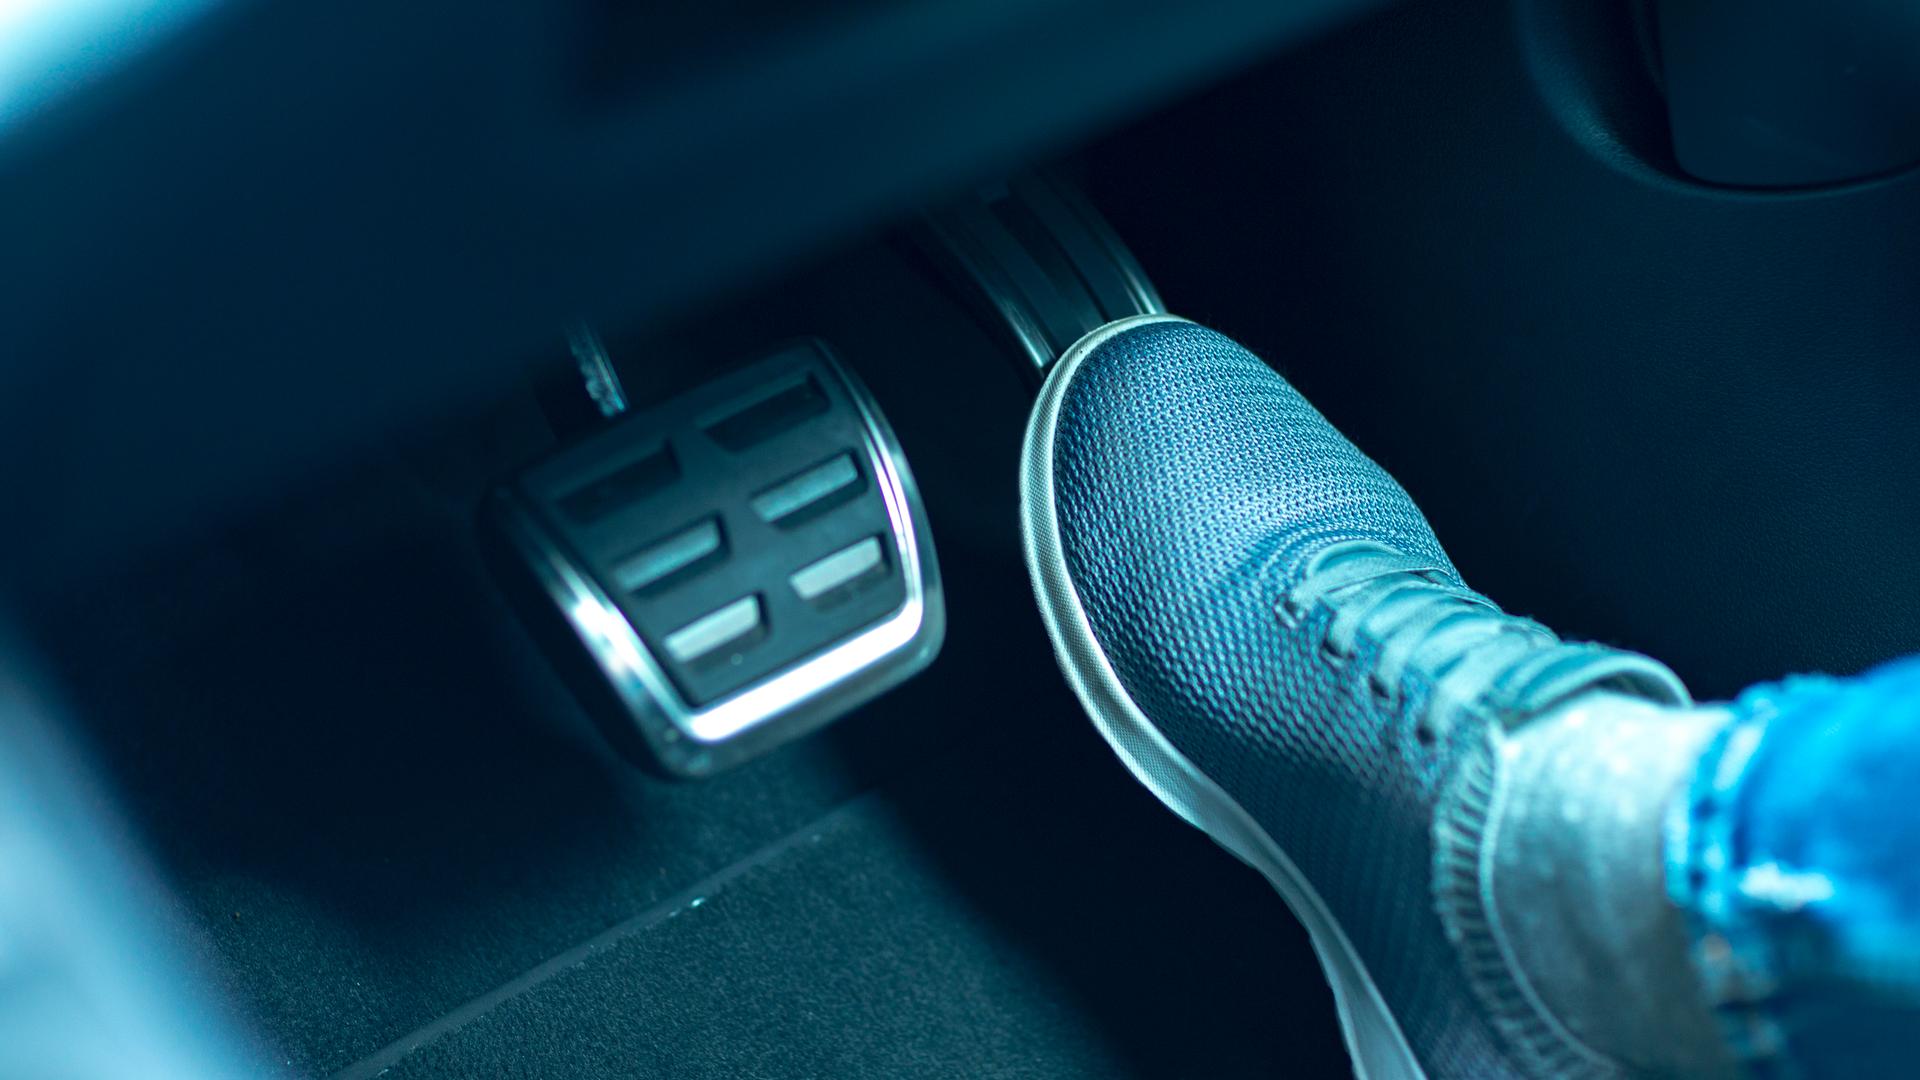 pe direito no acelerador close motor de carro